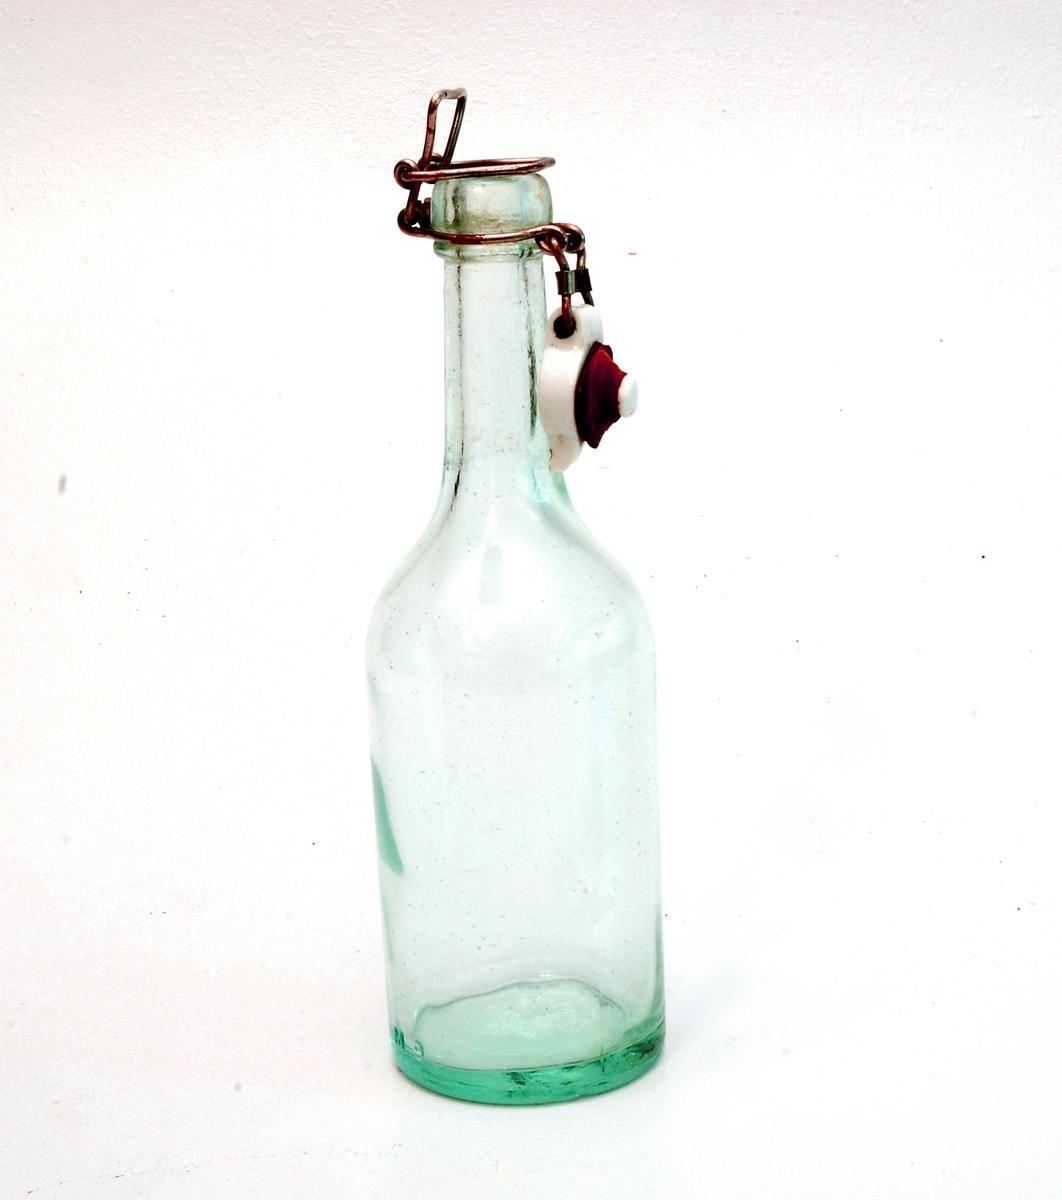 Brusflaske med patent kork